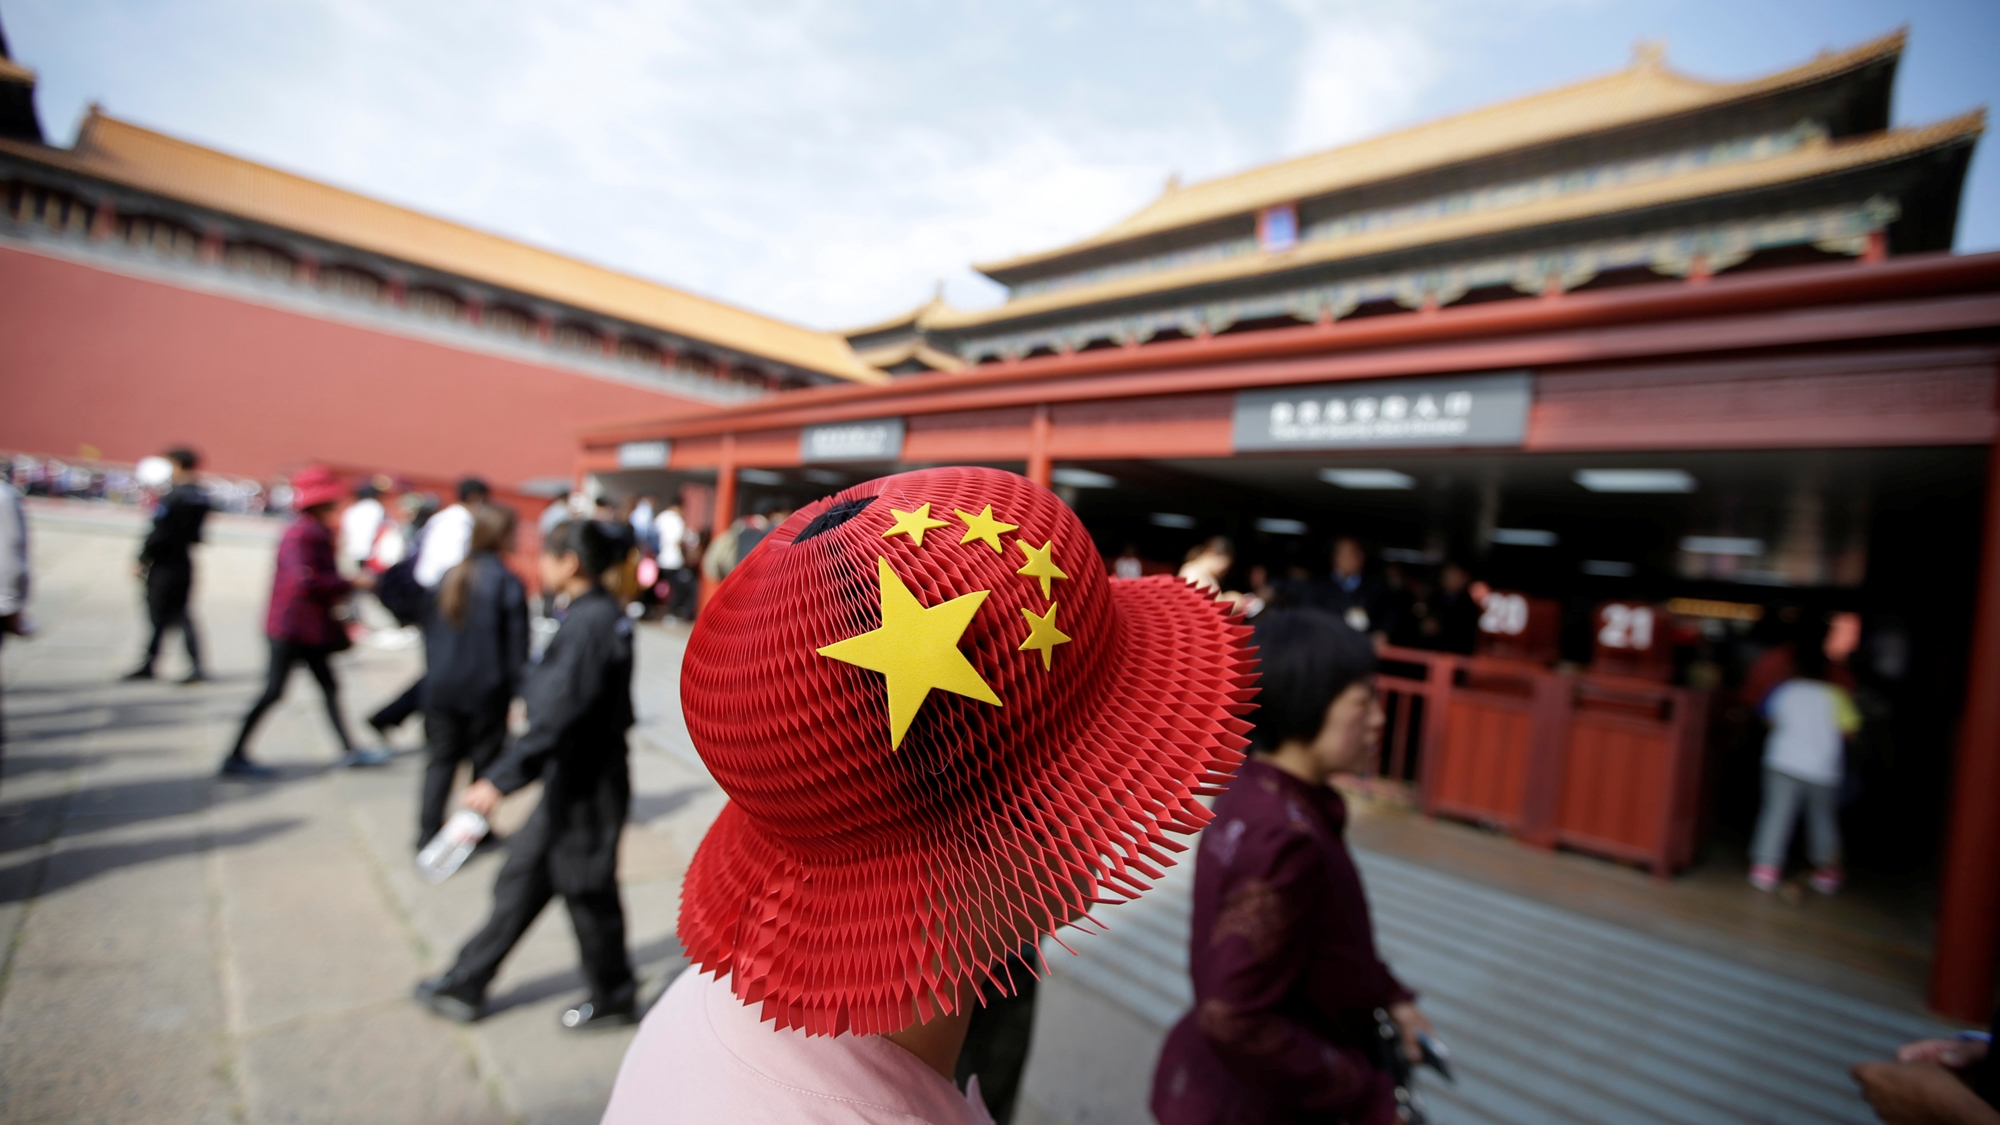 Crecimiento de la economía china se ralentiza en 2018